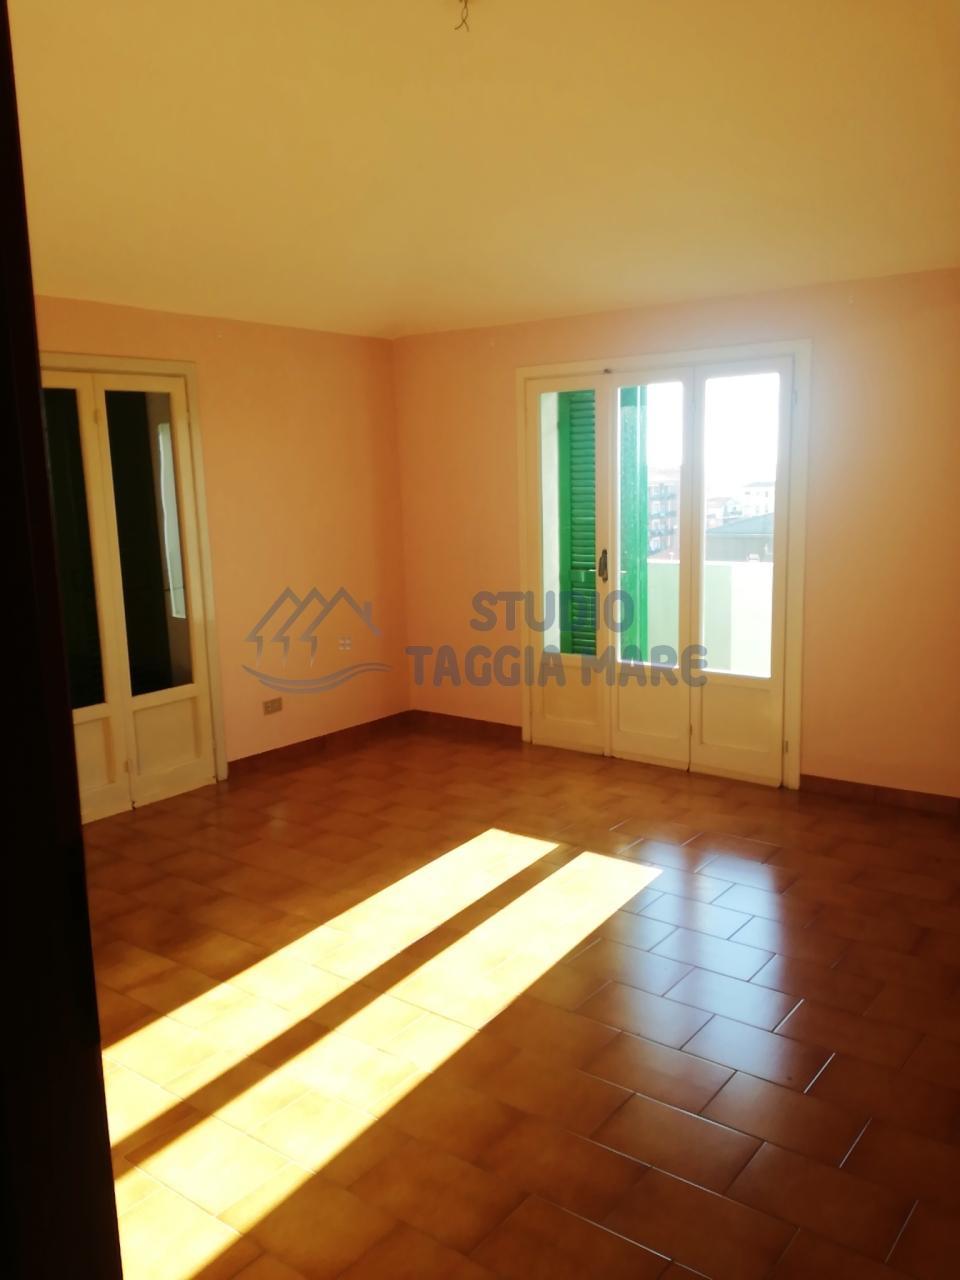 Appartamento in affitto a Riva Ligure, 3 locali, prezzo € 500 | Cambio Casa.it